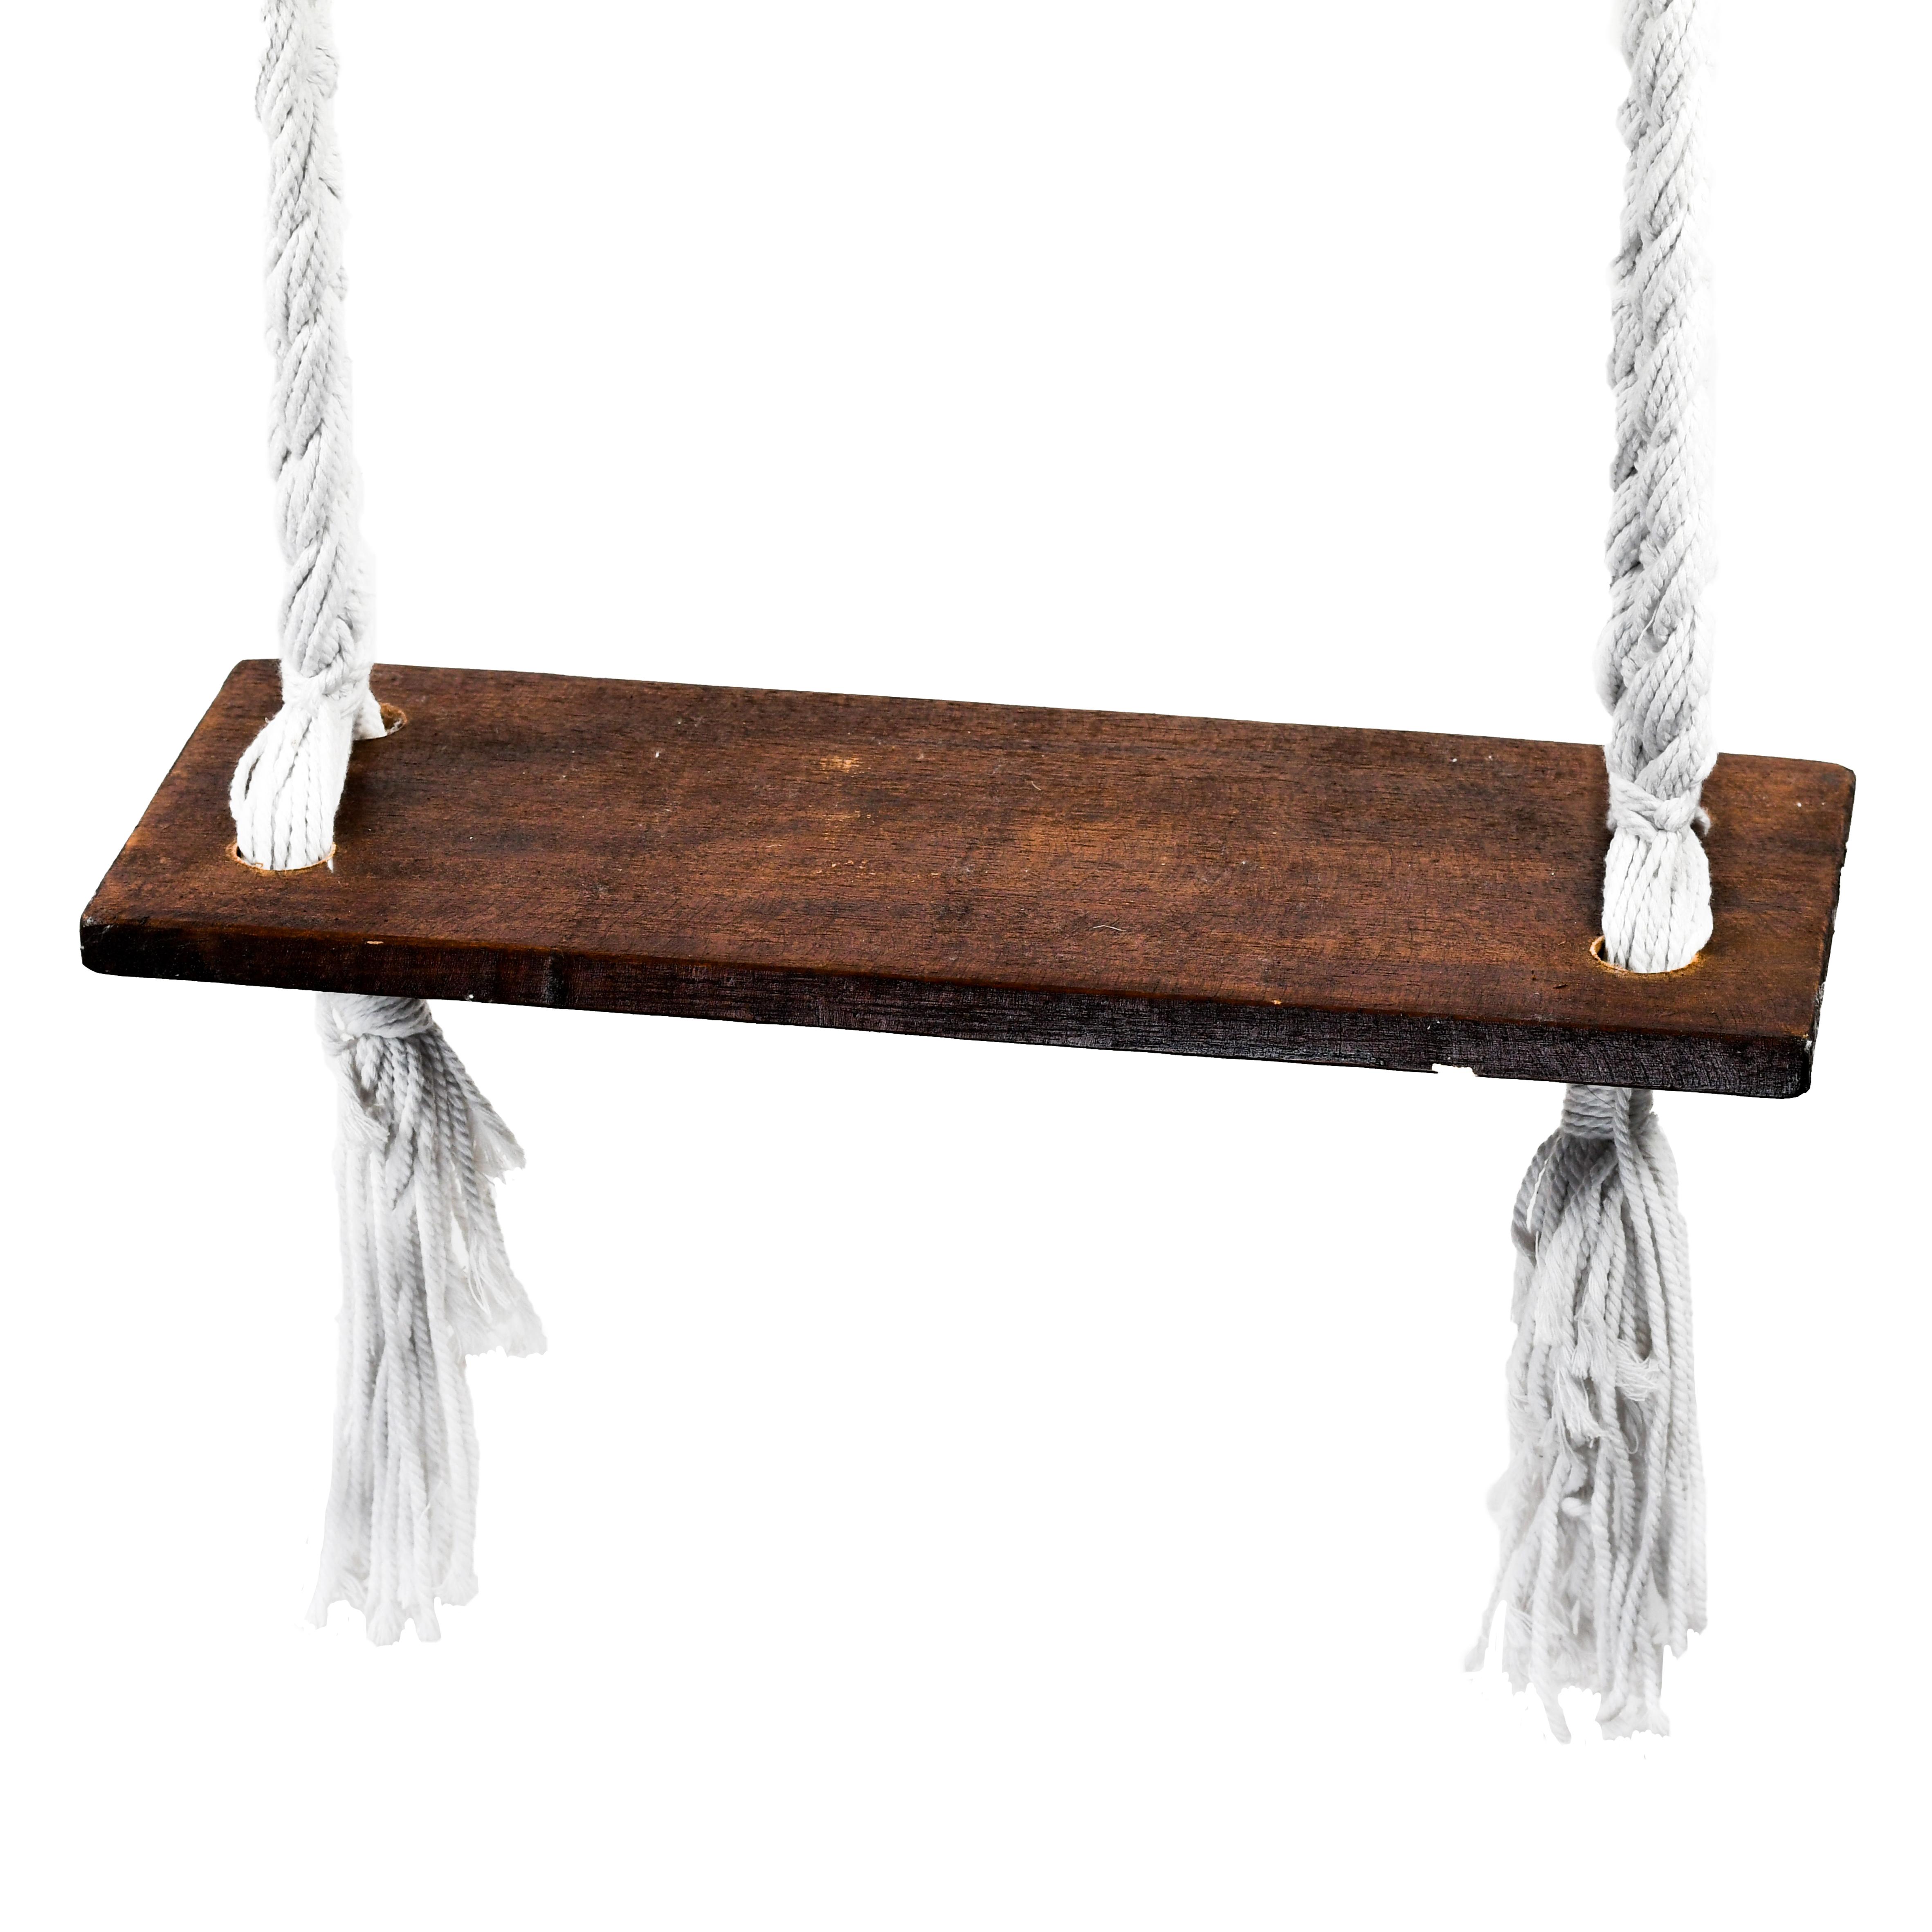 """Farbe der Seile: """"Bingin"""" Schaukel mit hellen Seilen"""